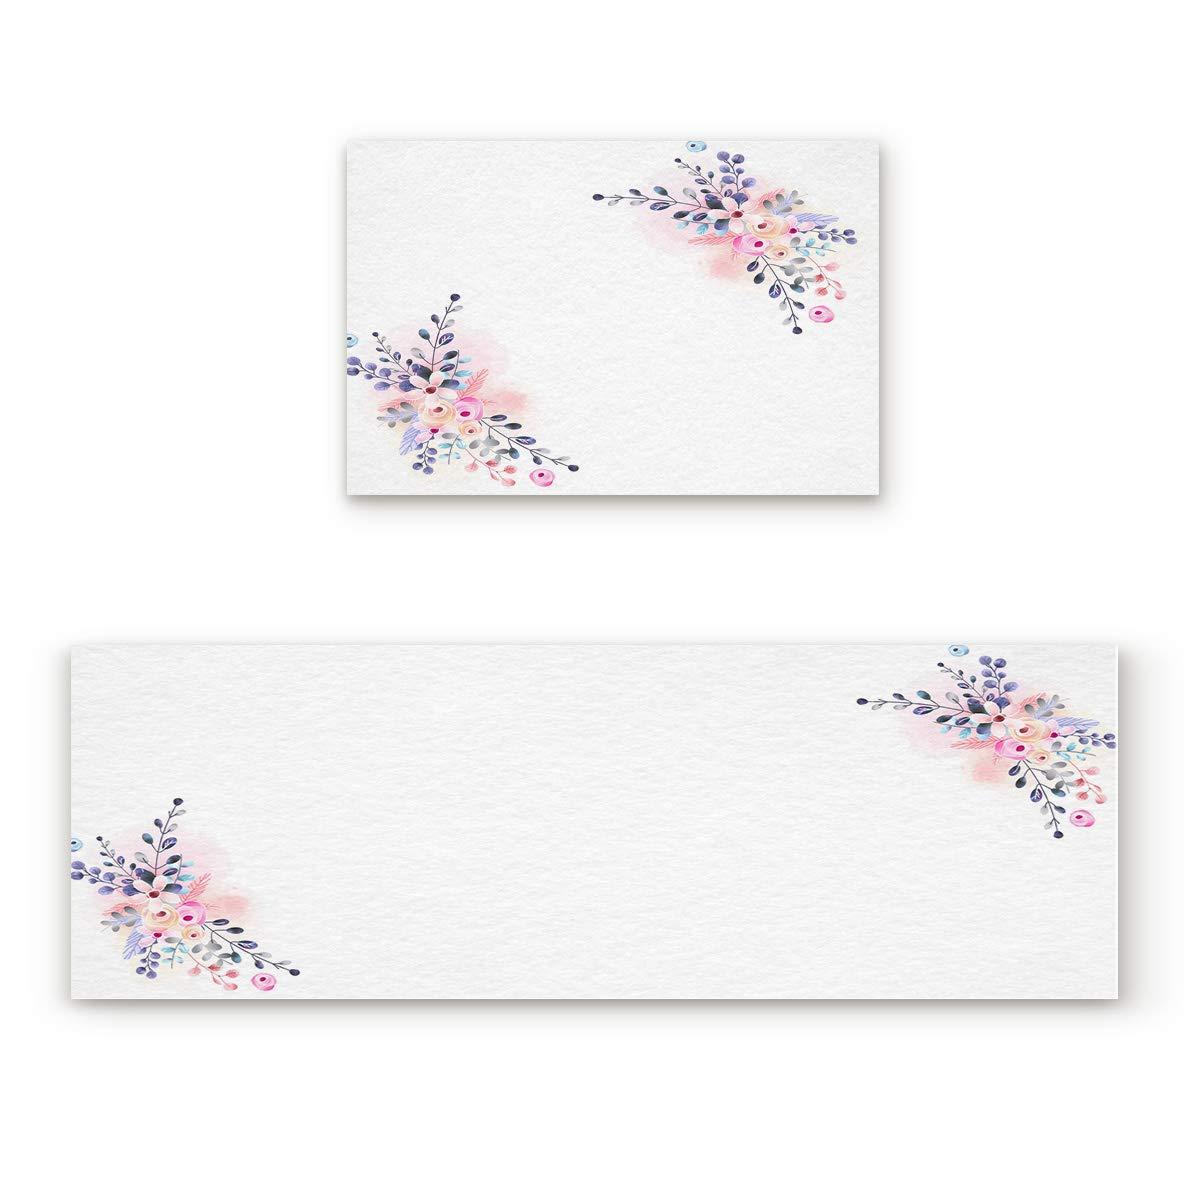 Flower86fiy8286 15.7x23.6In+15.7x47.2In Findamy Non-Slip Indoor Door Mat Entrance Rug Rectangle Absorbent Moisture Floor Carpet for bluee and Purple Butterflies and Flowers Doormat 23.6x35.4In+23.6x70.9In